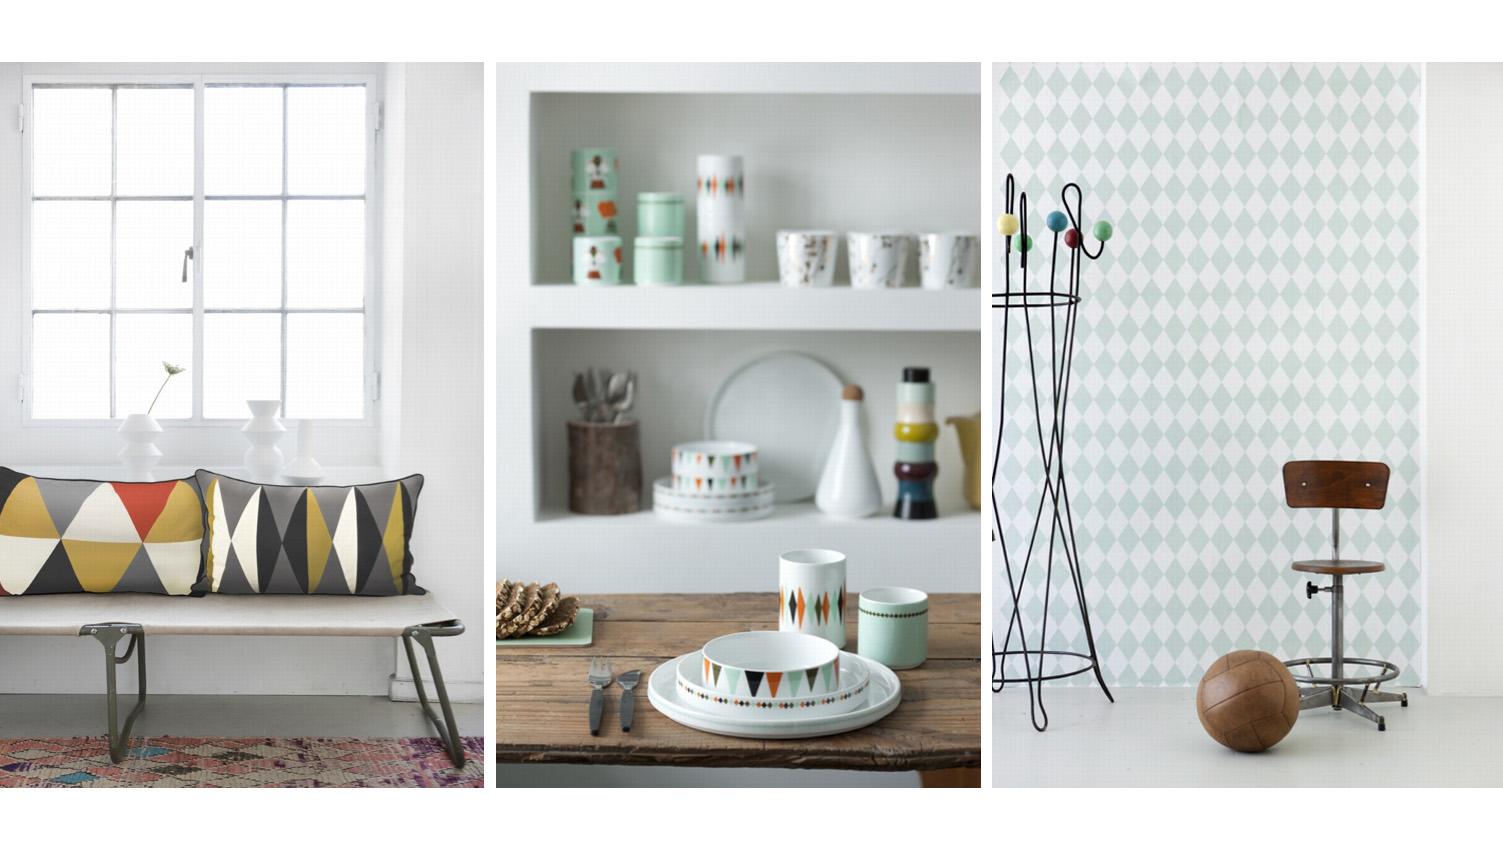 Arredamento Cucina Stile Nordico stile nordico e design scandinavo per arredare la casa